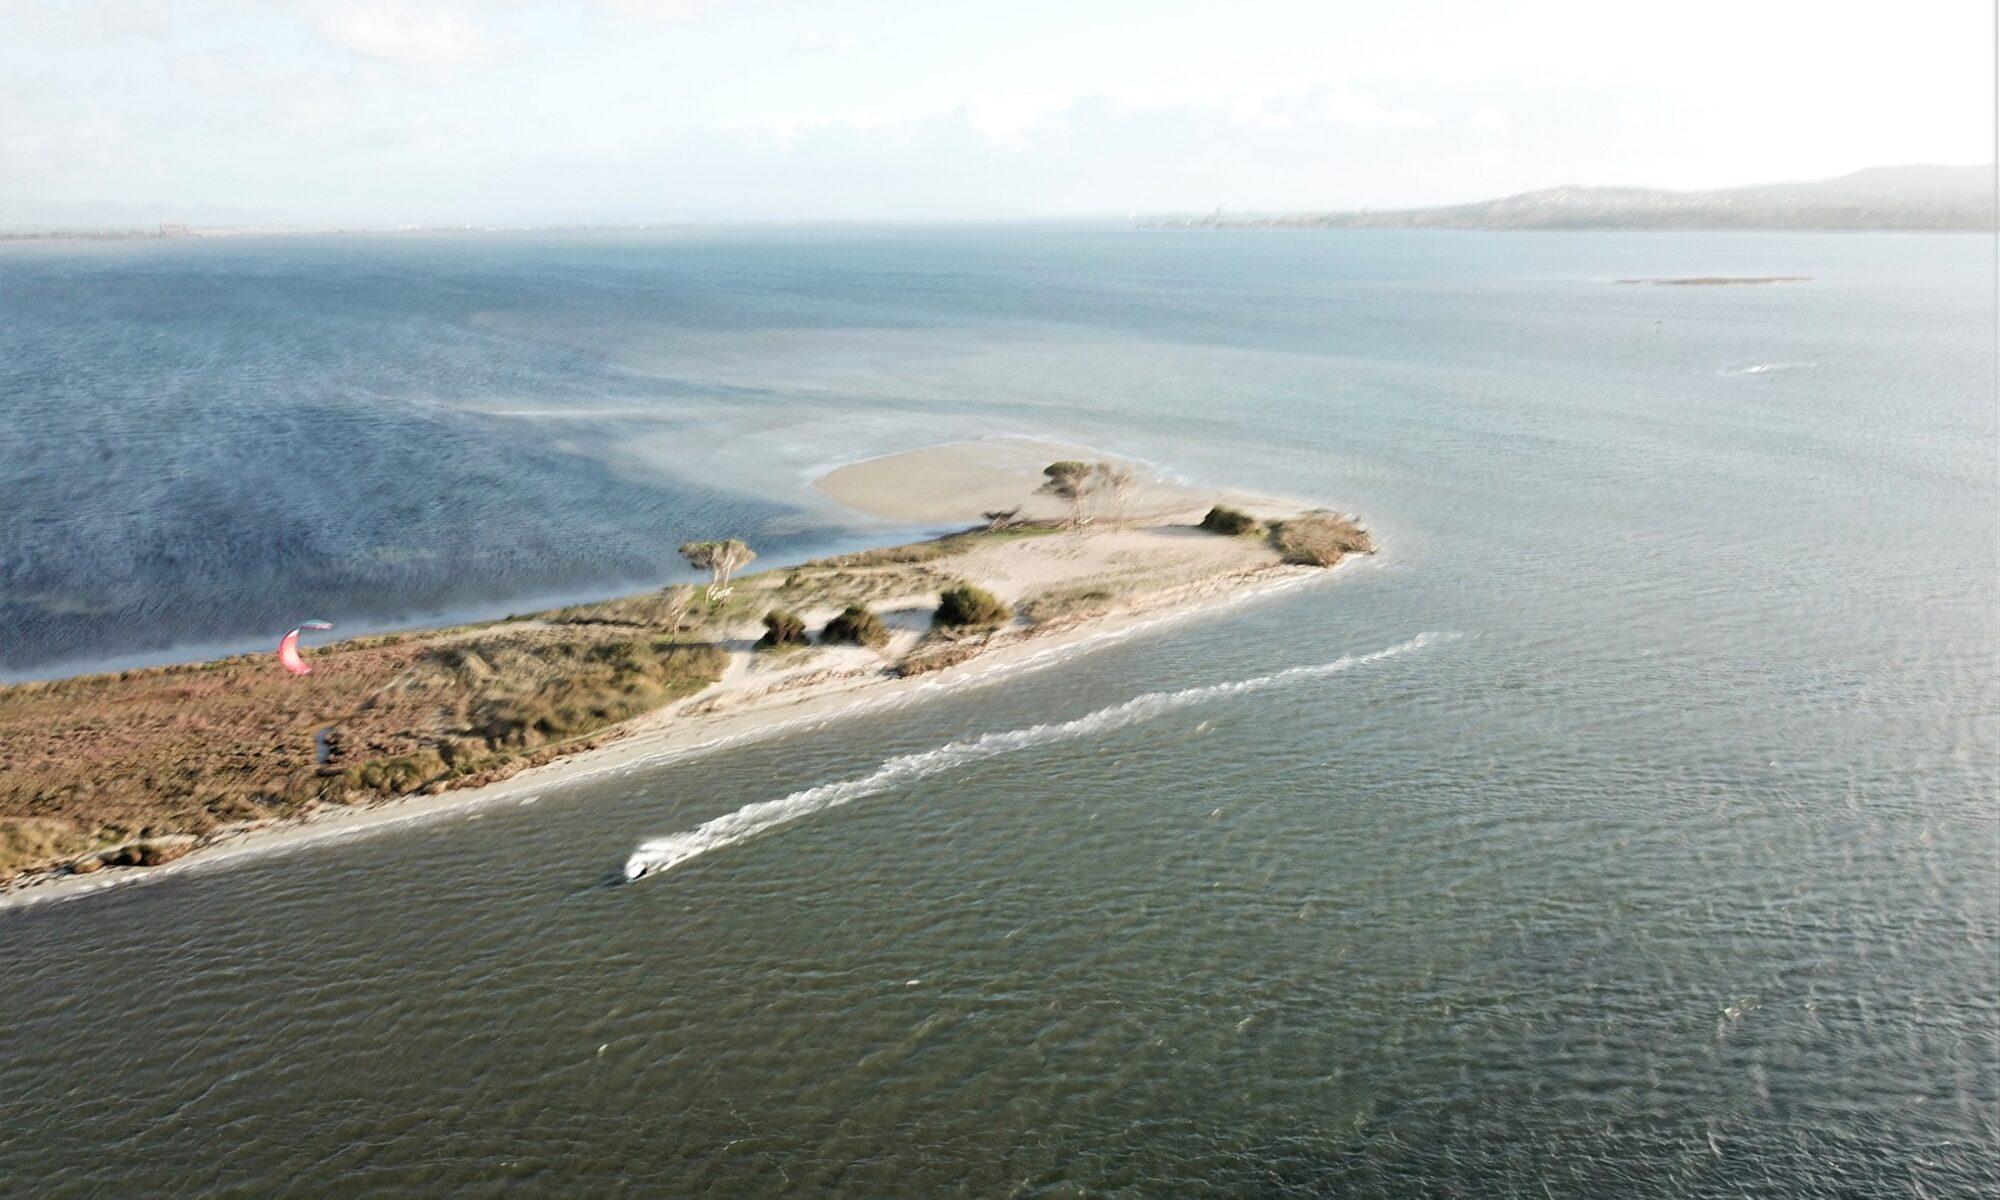 Punta Trettu Kite Spot iN sardegna